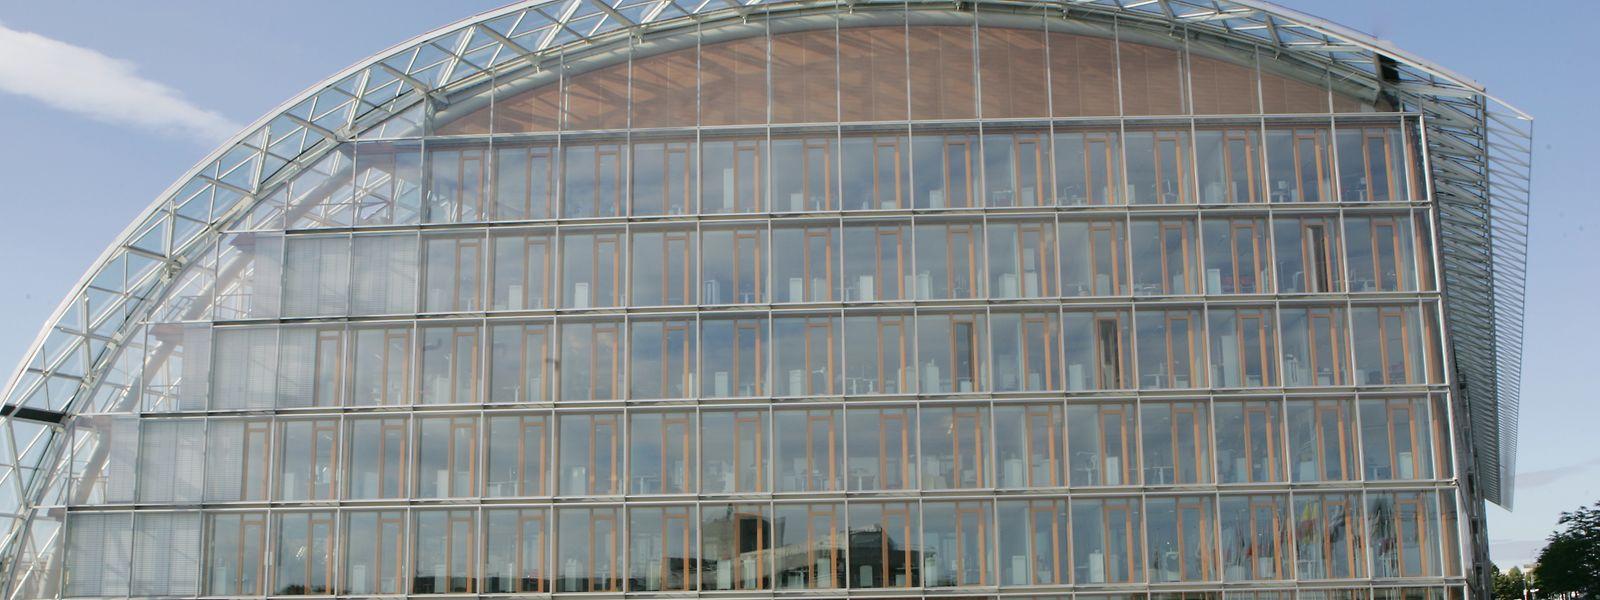 Die Europäische Investitionsbank (EIB) mit Sitz in Luxemburg betreibt Wirtschaftspolitik durch Kreditvergabe.